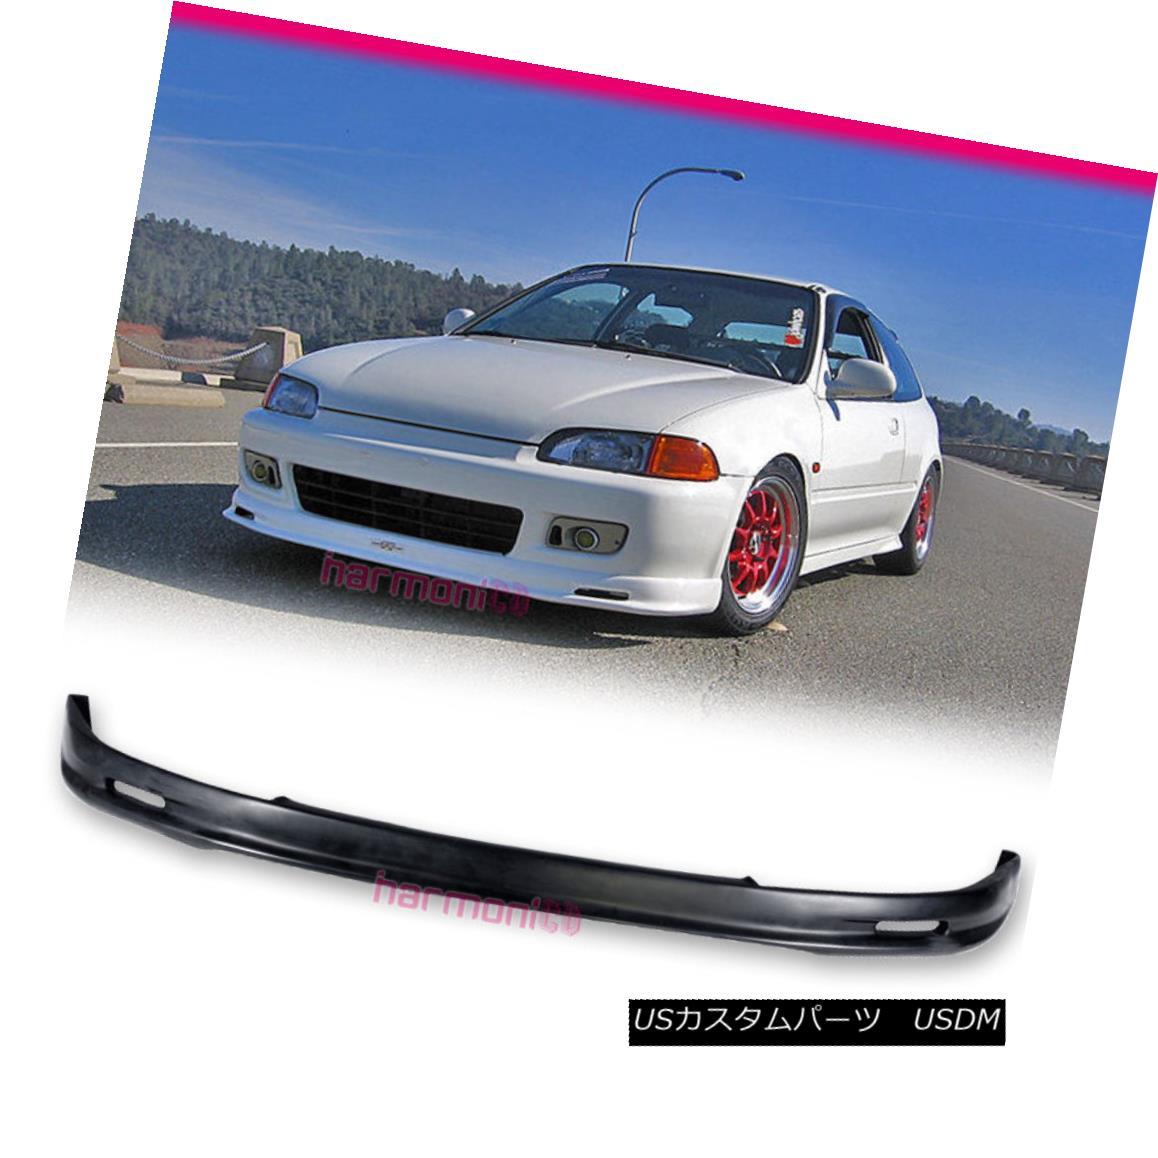 【国内即発送】 エアロパーツ Fits 92-95 Honda Civic EG DX LX EX Mugen Style Front Bumper Lip Spoiler Bodykit フィット92-95ホンダシビックEG DX LX EXミュゲンスタイルフロントバンパーリップスポイラーボディキット, 愛川町 9e178d8f